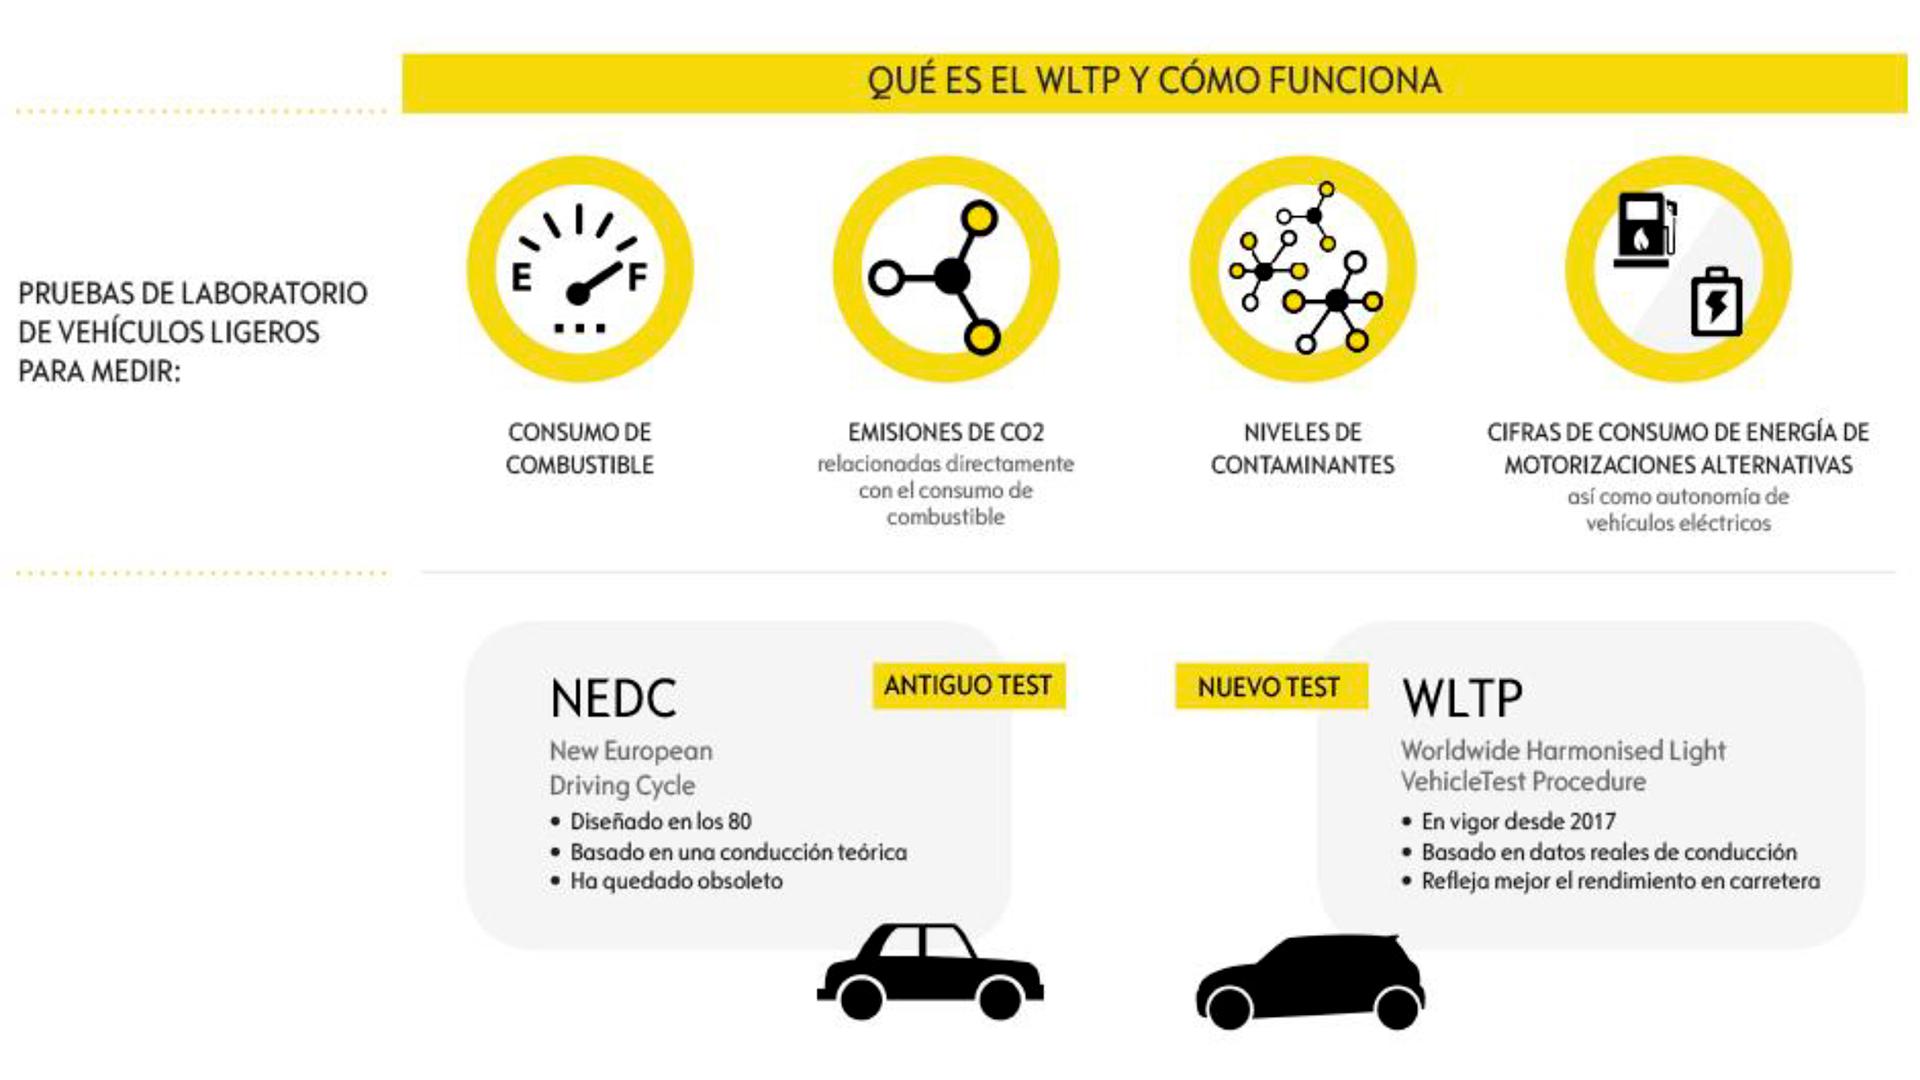 ¿Qué es WLTP? El nuevo medidor de consumo y emisiones